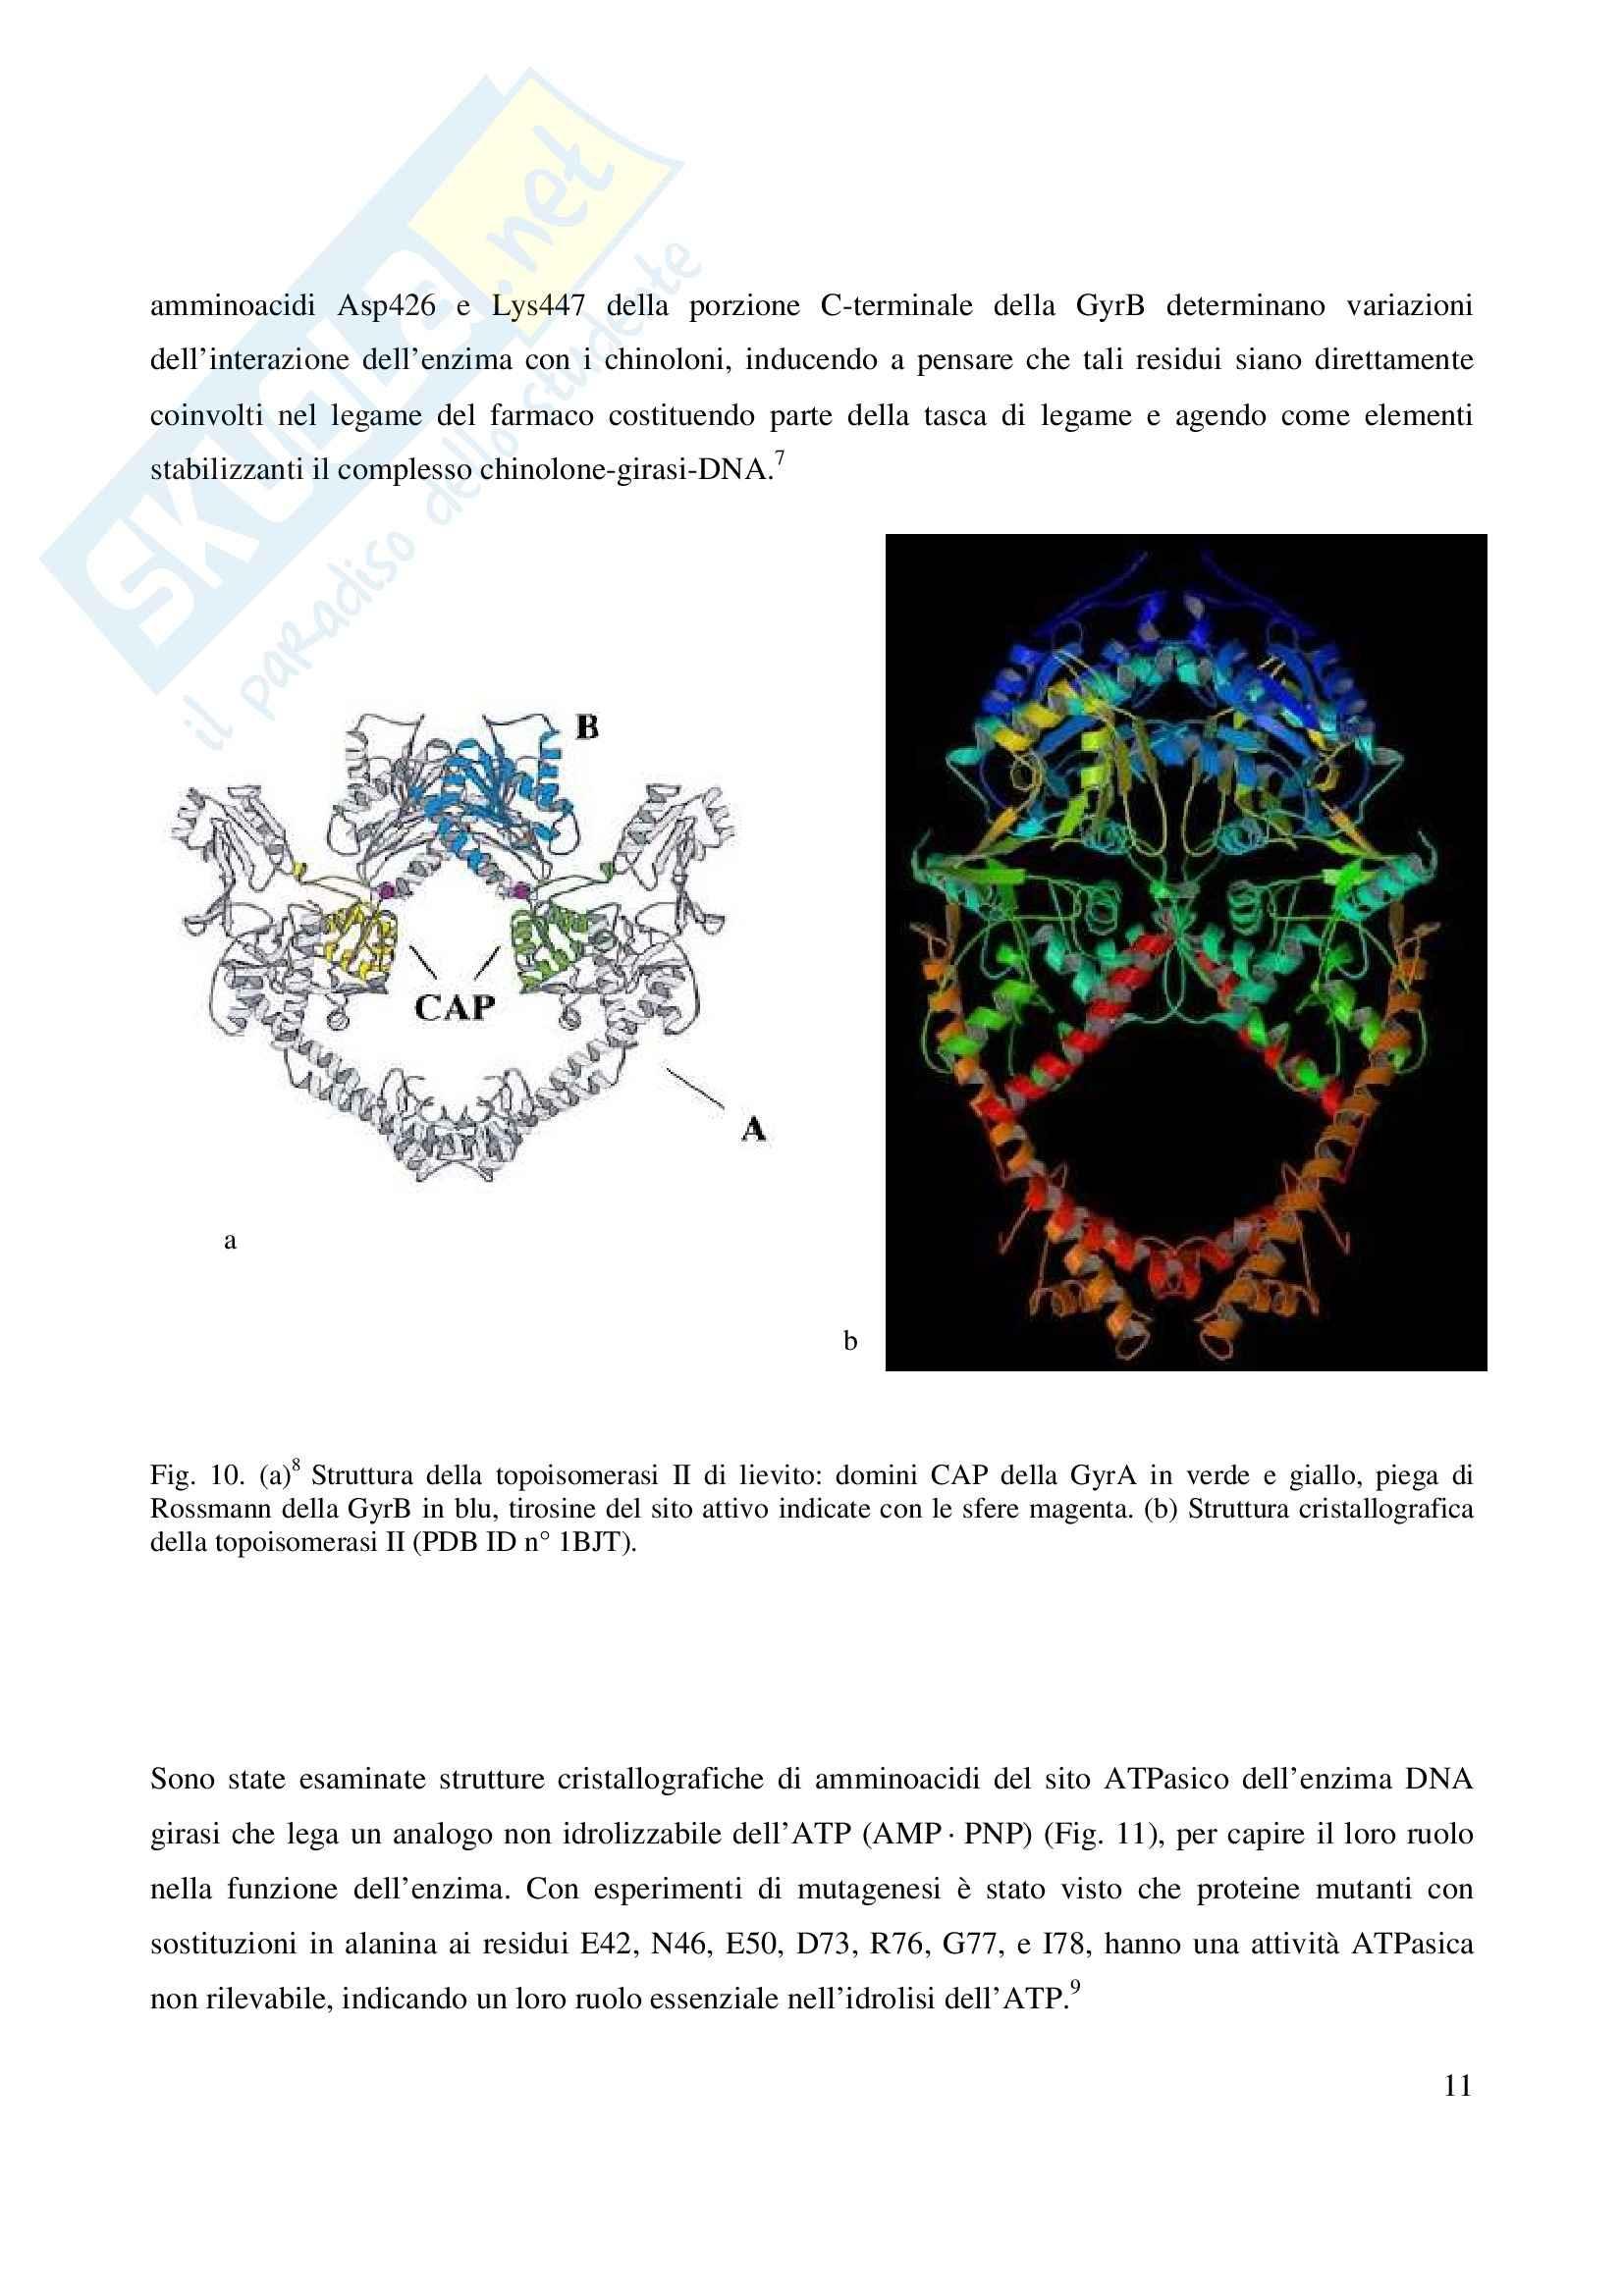 Chimica farmaceutica - fluorochinoloni Pag. 11